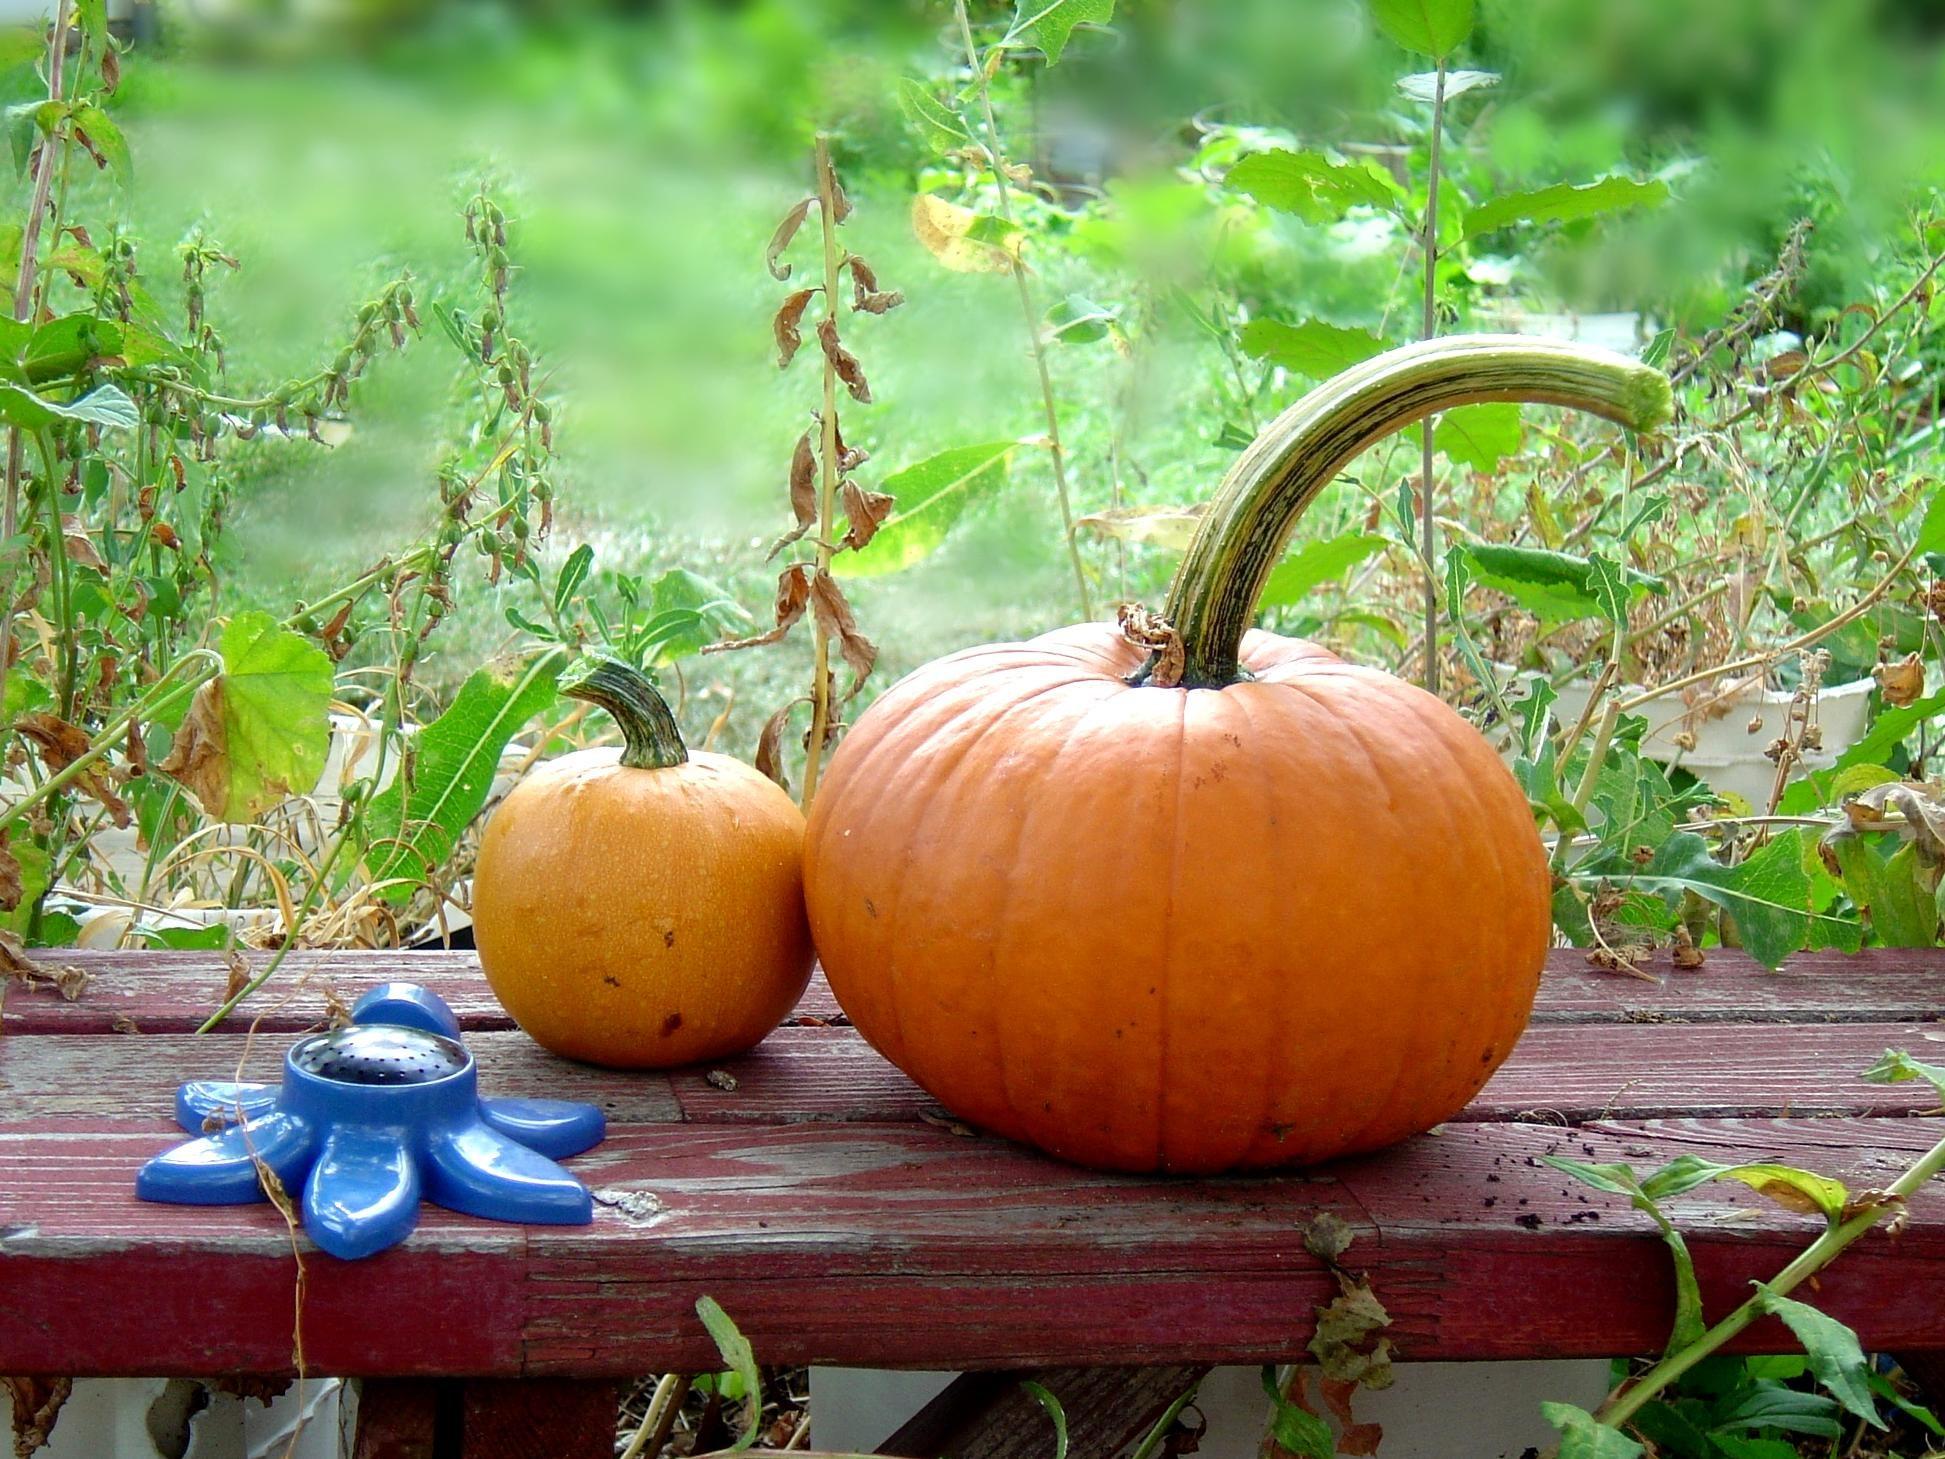 Kostenlose Bild Kurbisse Herbst Ernte Garten Holzbank